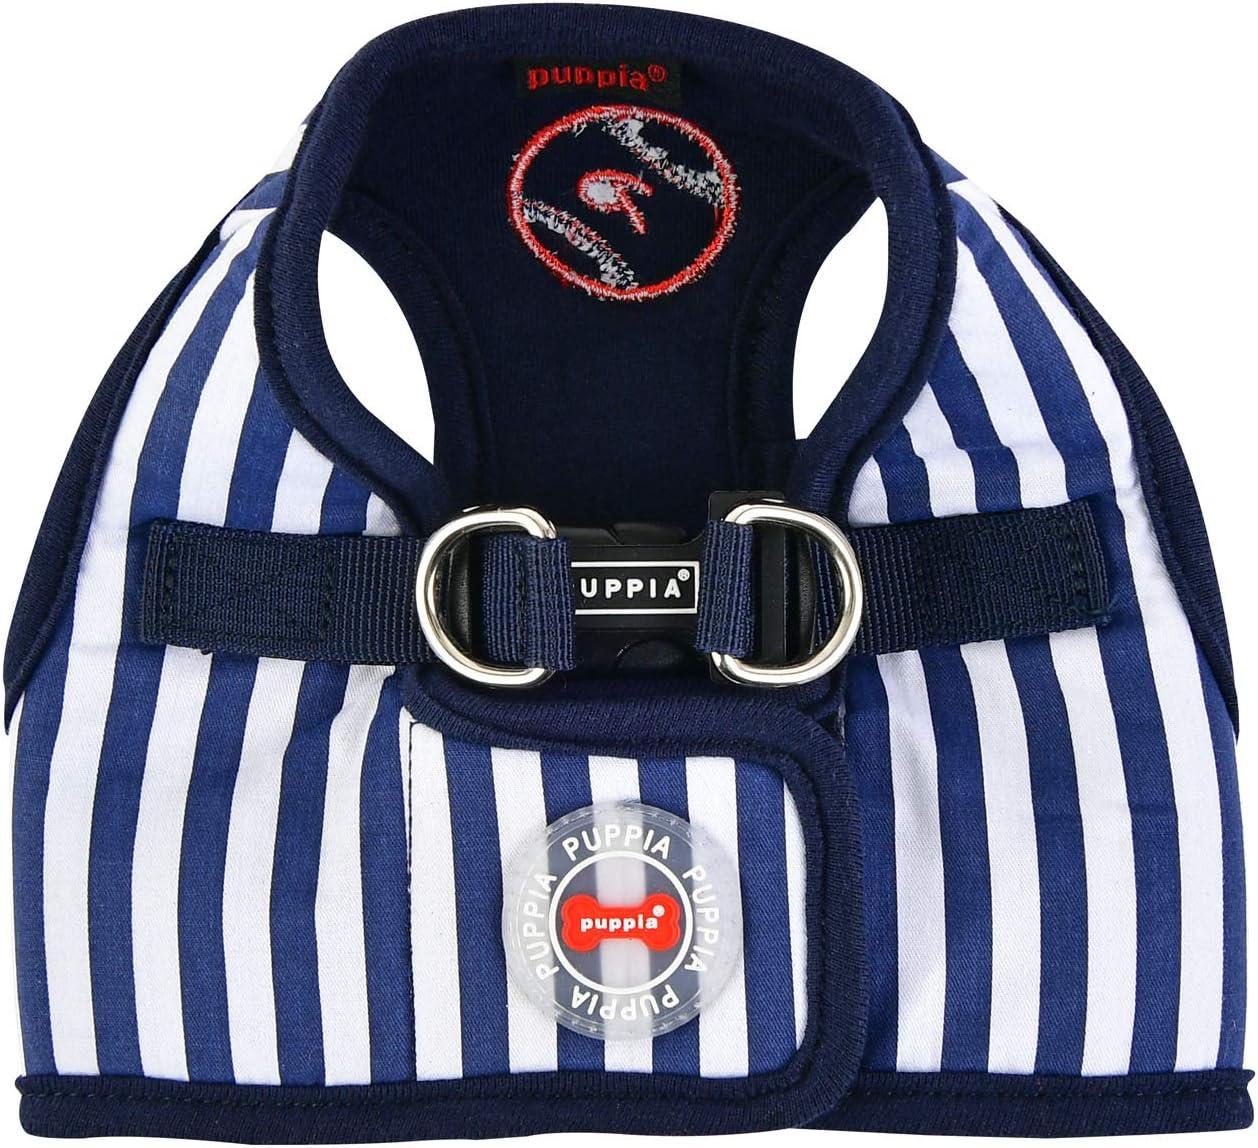 Puppia Sport Harness B L Navy